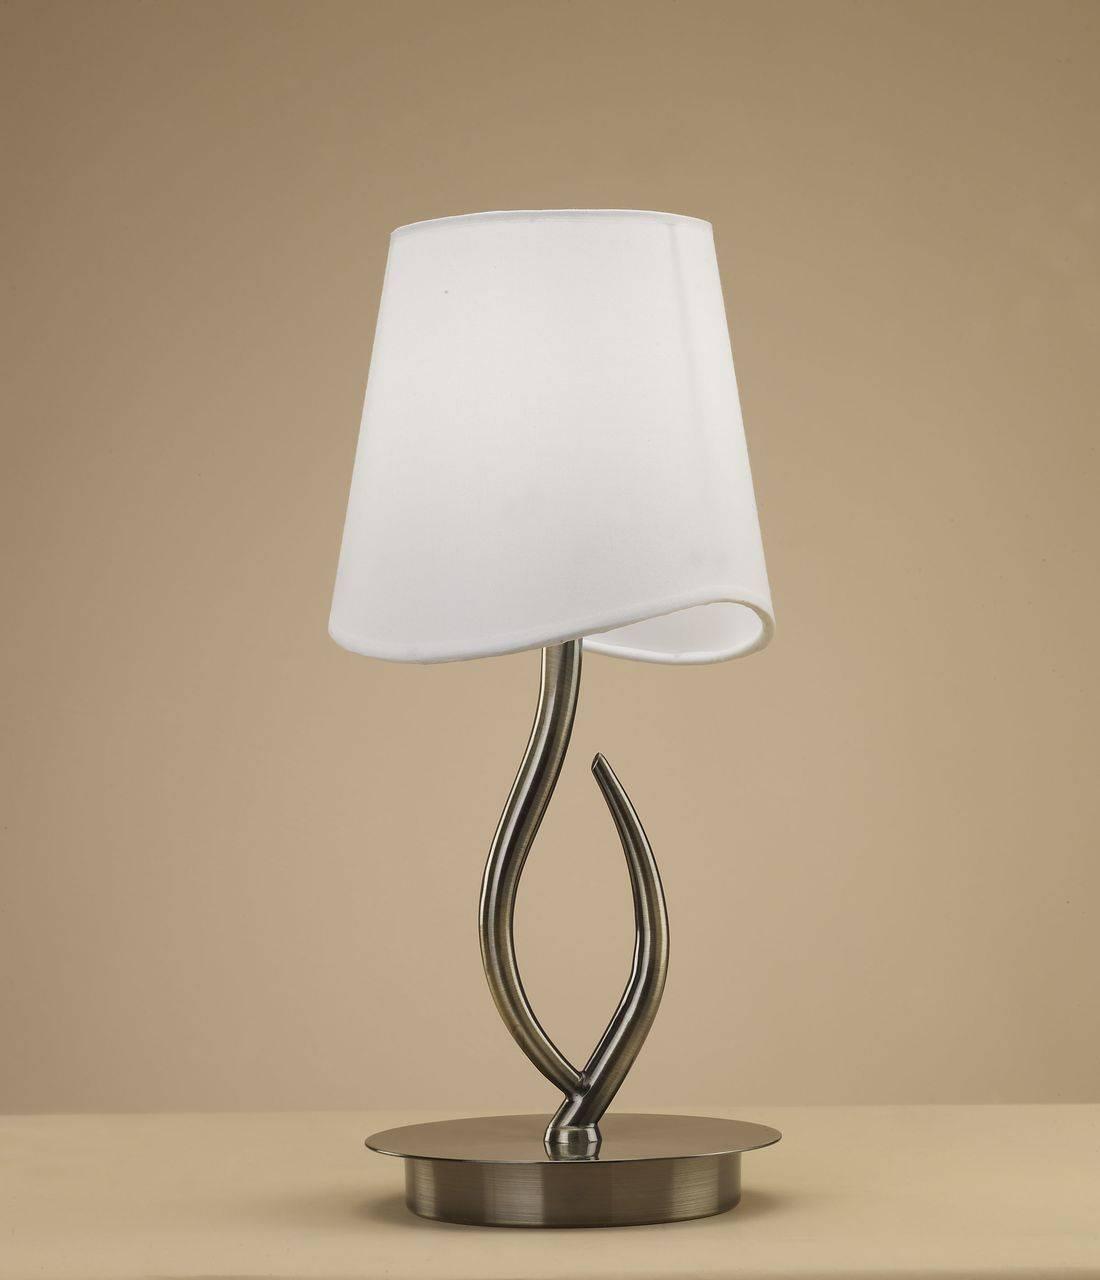 Настольная лампа Mantra Ninette Antique Bras 1925 все цены